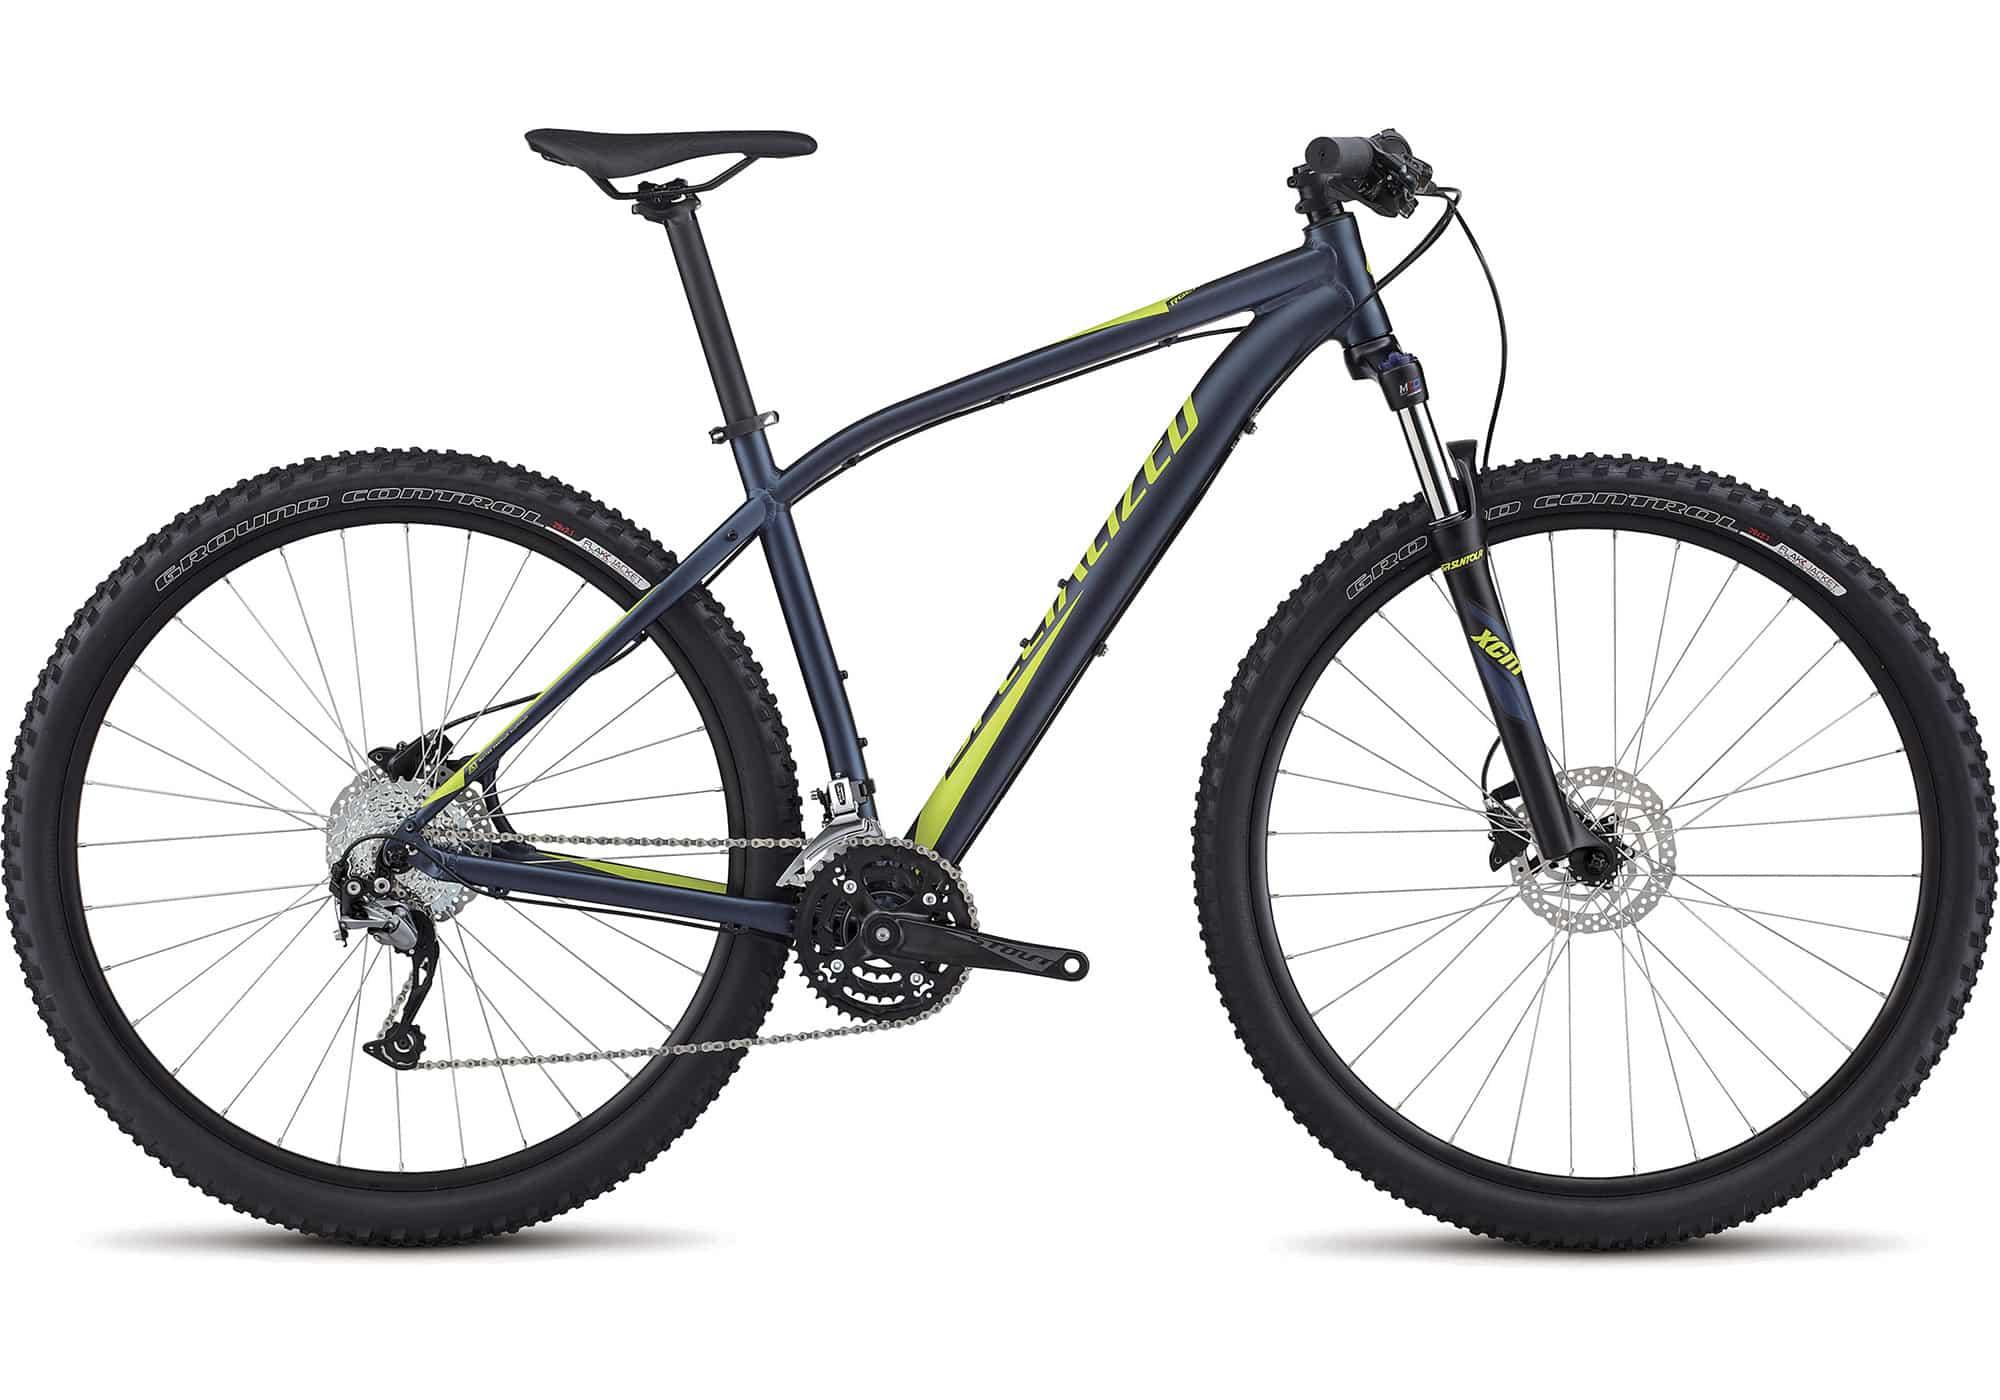 Specialized Rockhopper sport 2017. Tal vez ya seas todo un experto de los senderos o que te acabe de picar la curiosidad por pedalear por tierra, pero sea como sea, la Rockhopper Sport 29 es tu bici perfecta para cumplir tus sueños.